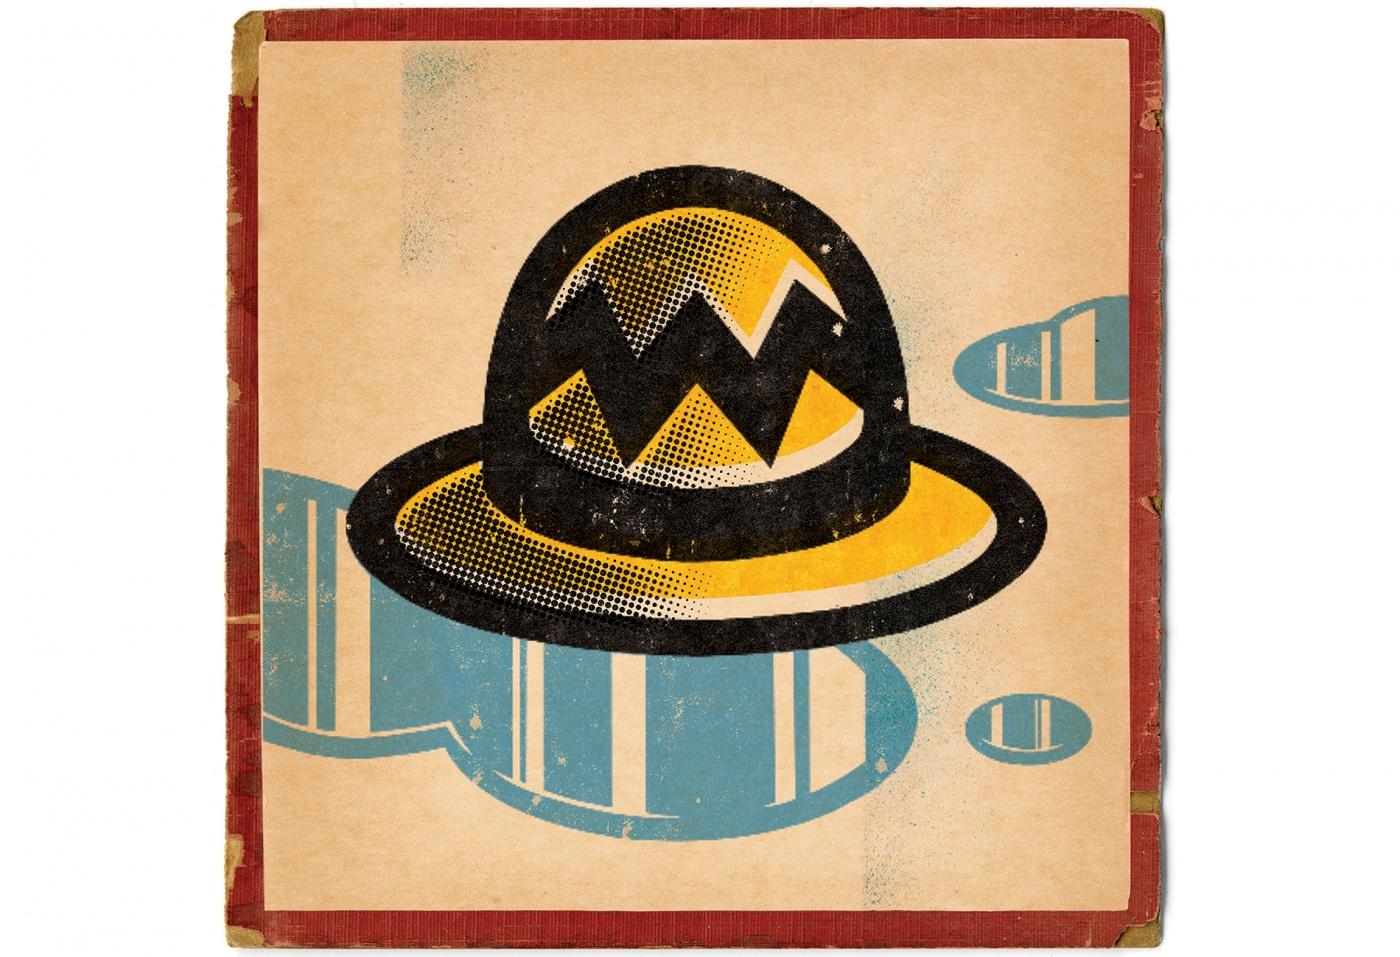 illustration of Charlie Brown's hat